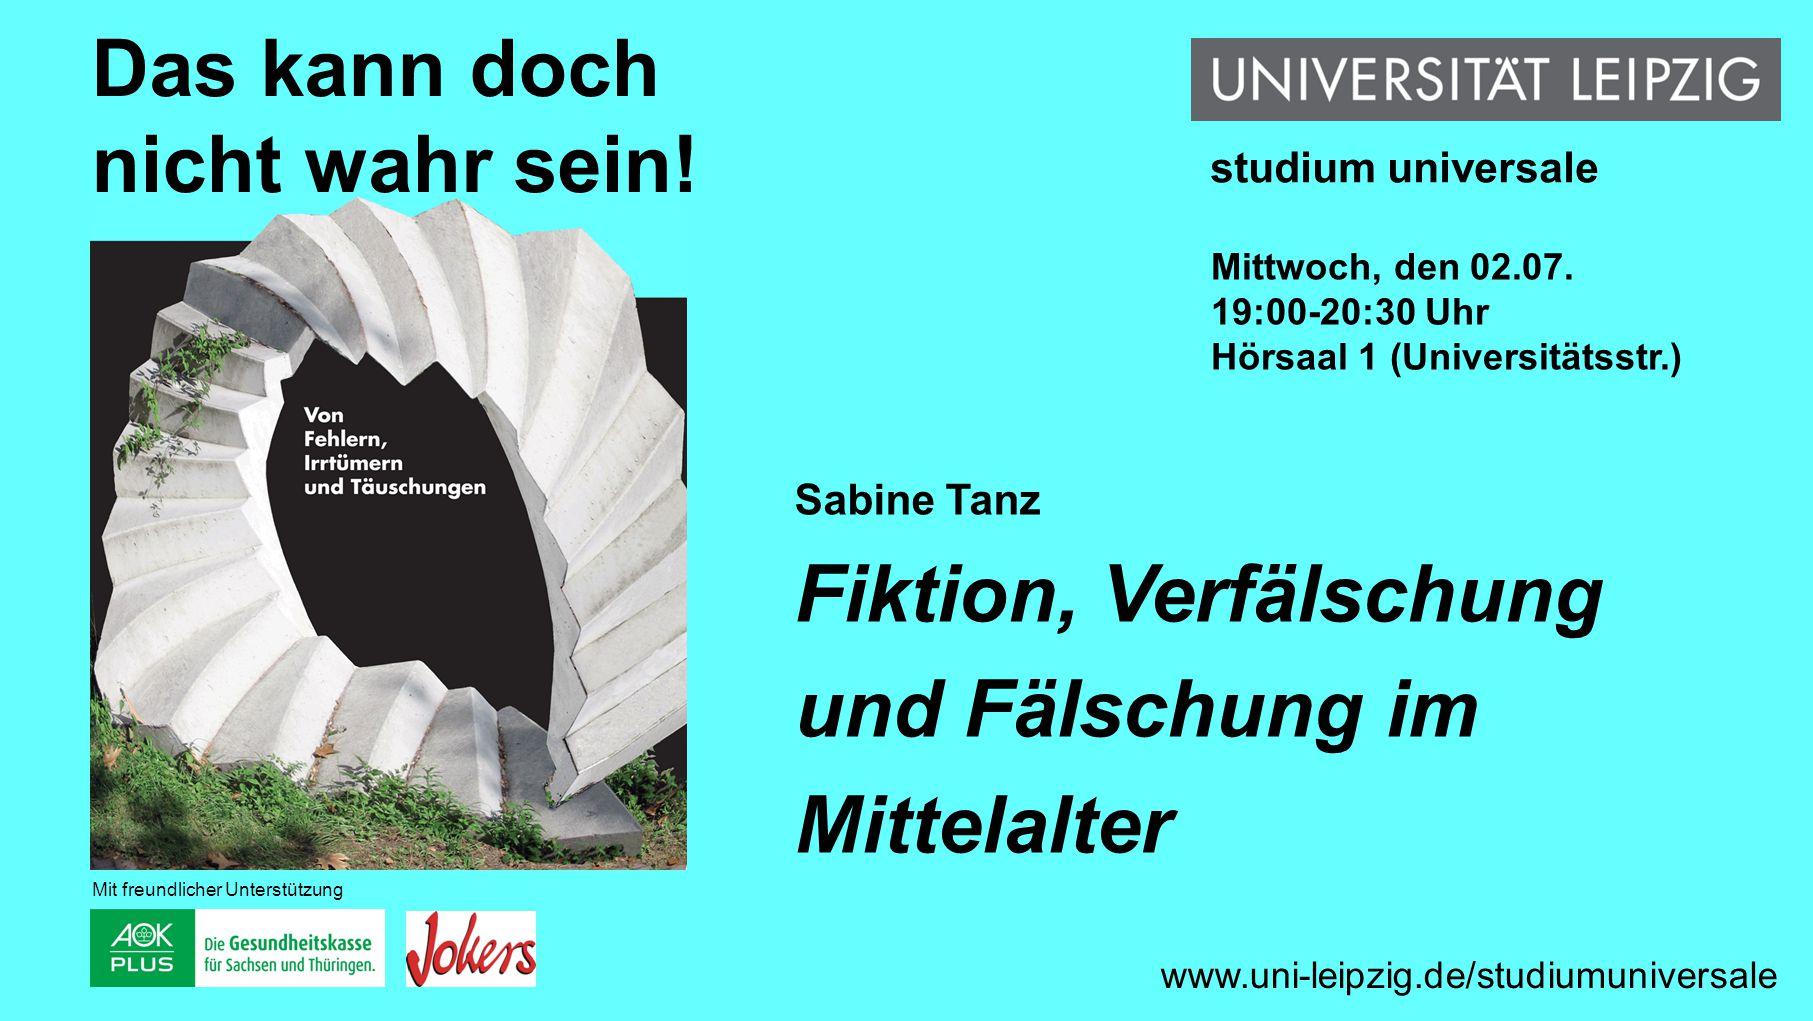 Frank Gaunitz Verschwörungstheorien www.uni-leipzig.de/studiumuniversale Das kann doch nicht wahr sein.